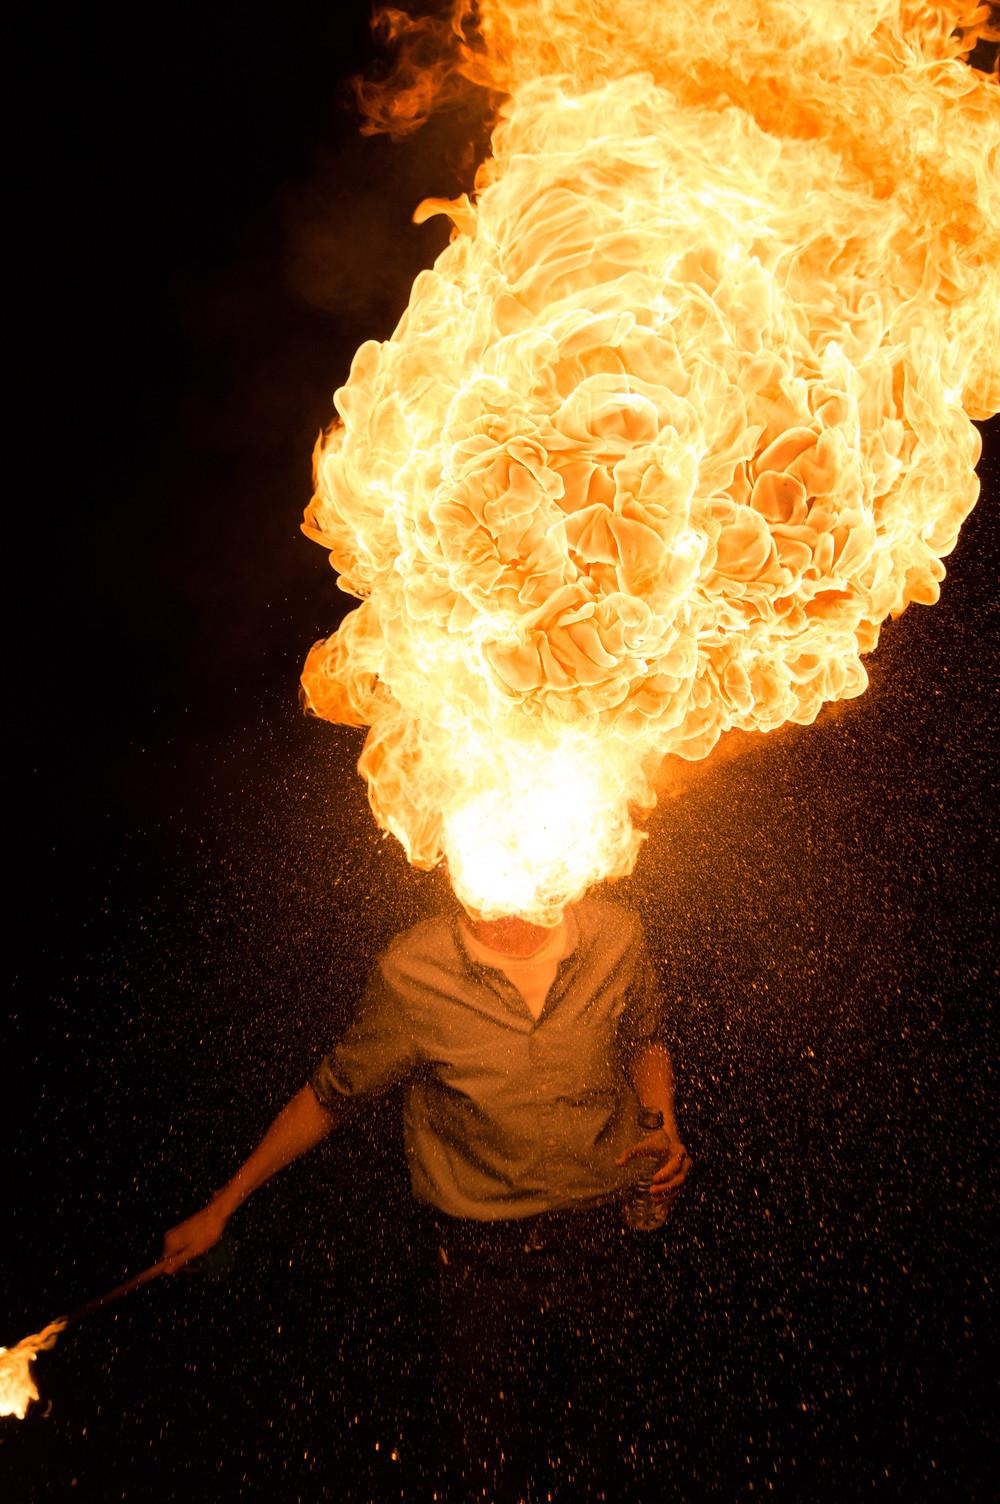 Ideas on fire